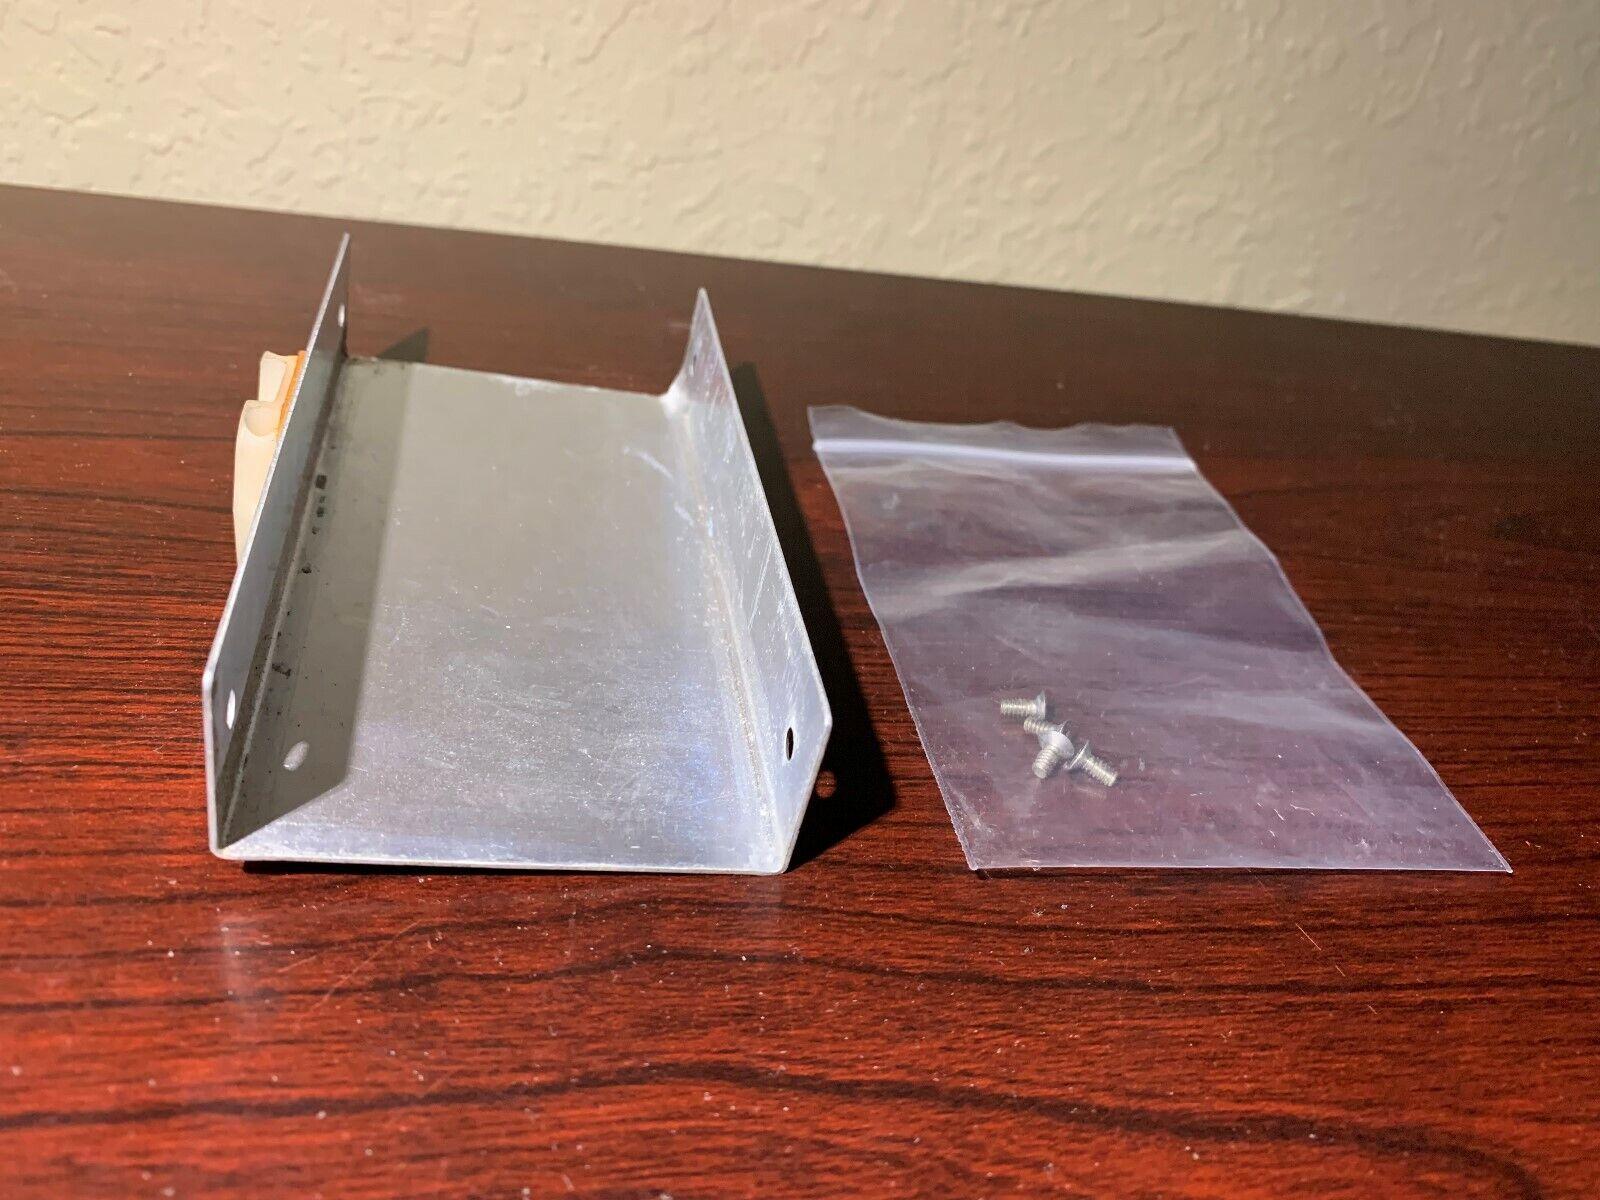 King KX-170 KX-175 KX-170B backplate cover plate